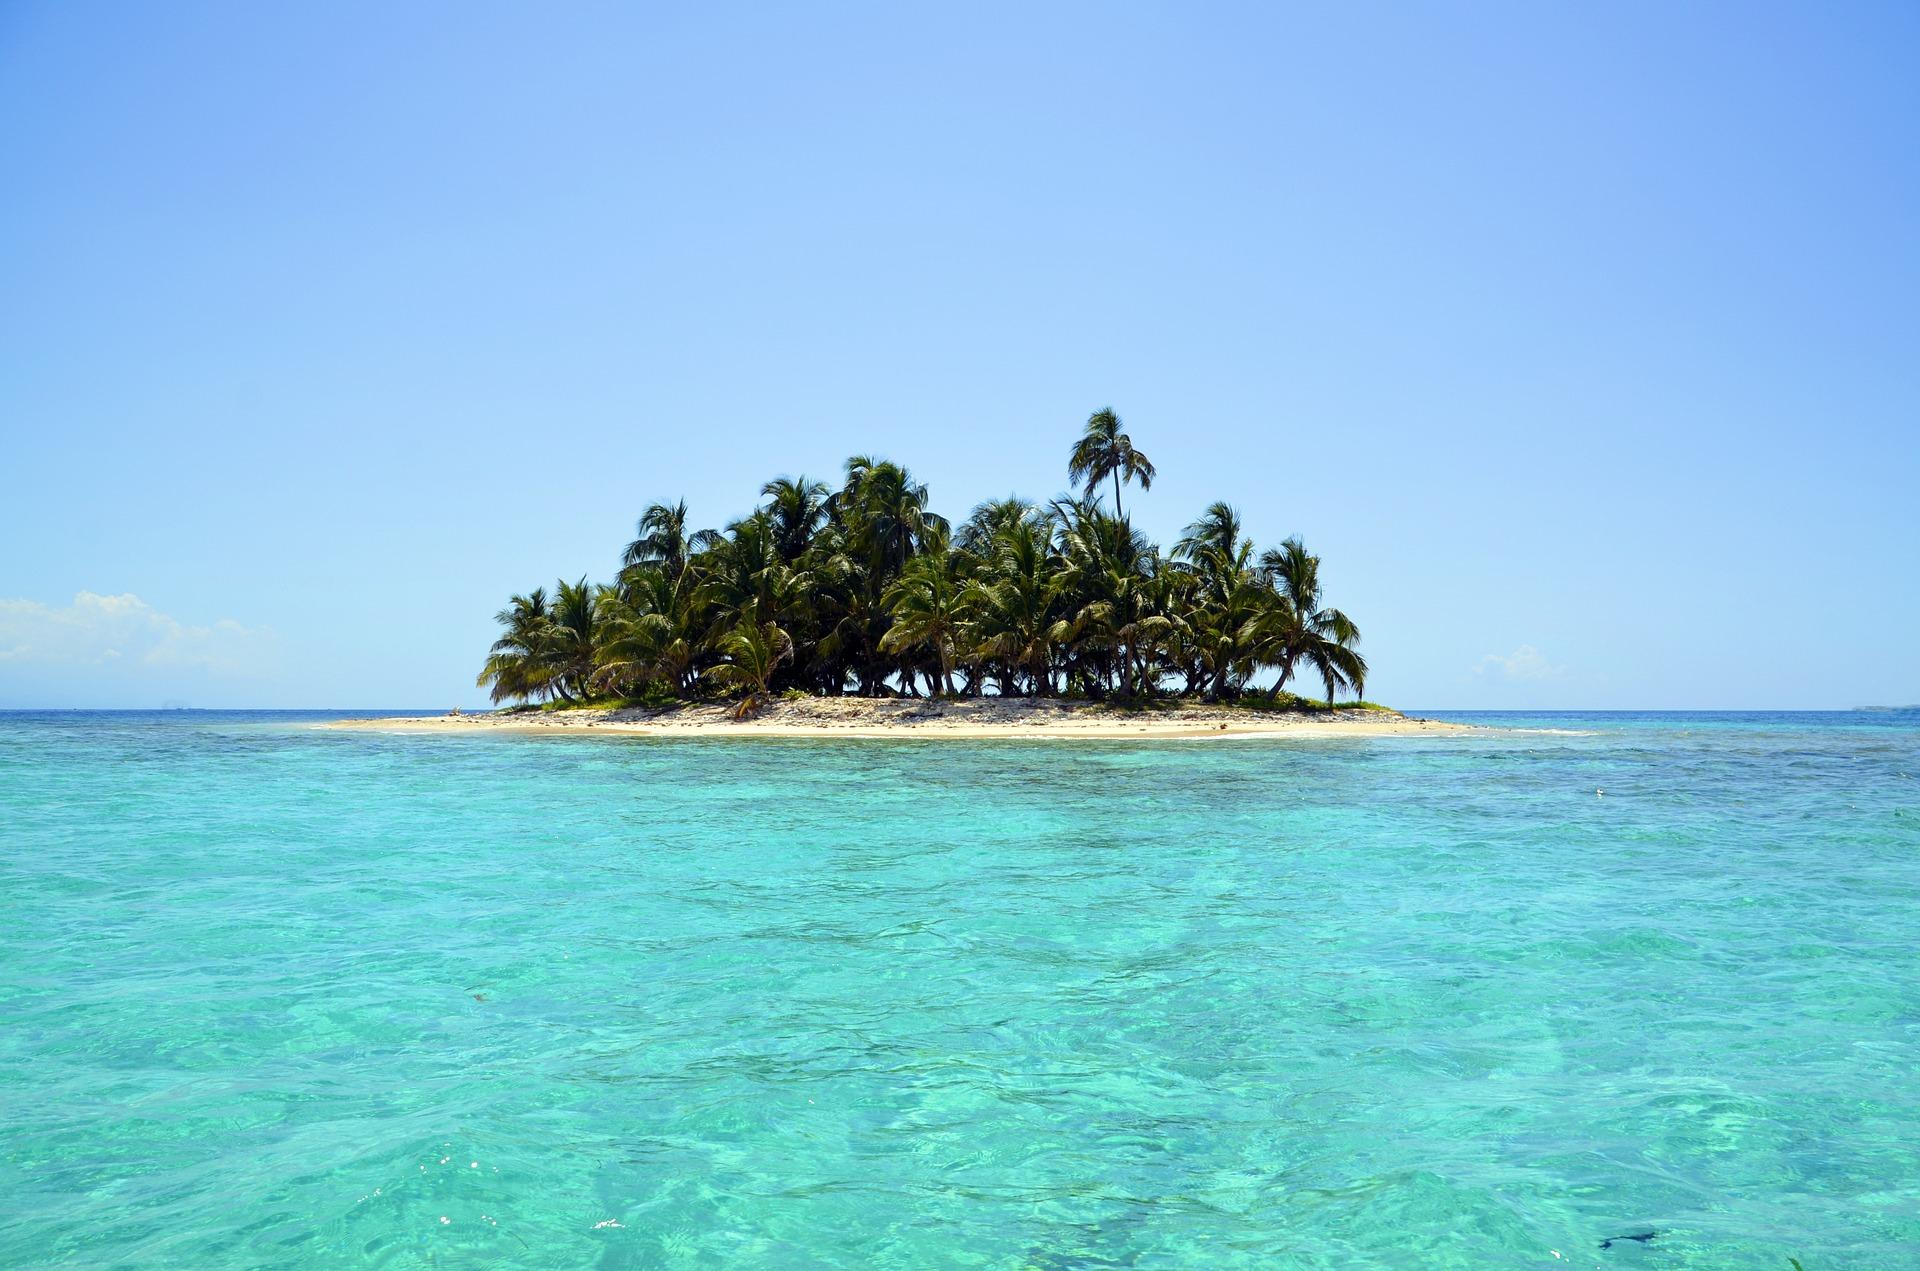 Marzymy o rajskich wyspach, egzotycznych krajach gdzieś na innym kontynencie. Czy wybierając ofertę w biurze podróży wiedziałbyś dokąd dokładnie lecisz?